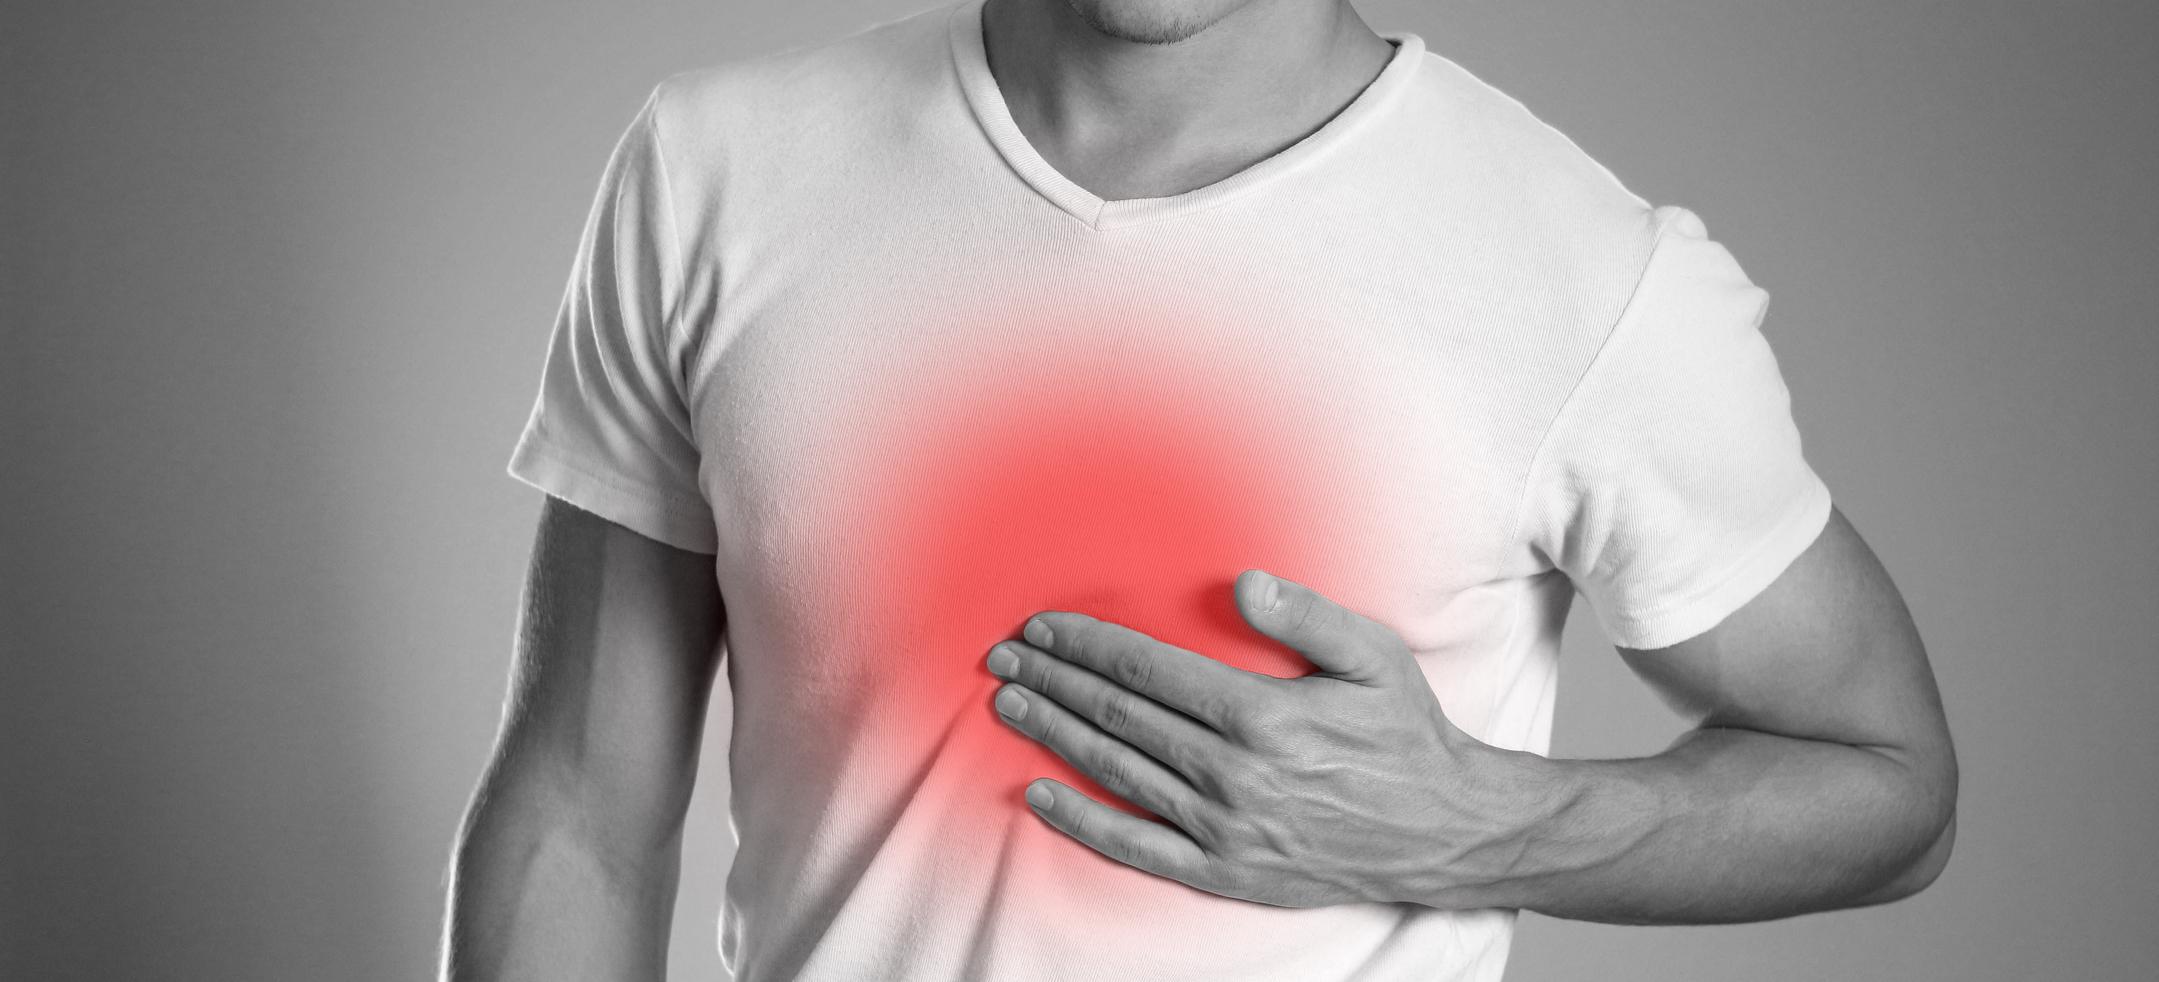 أسباب وعلاج حرقة المعدة